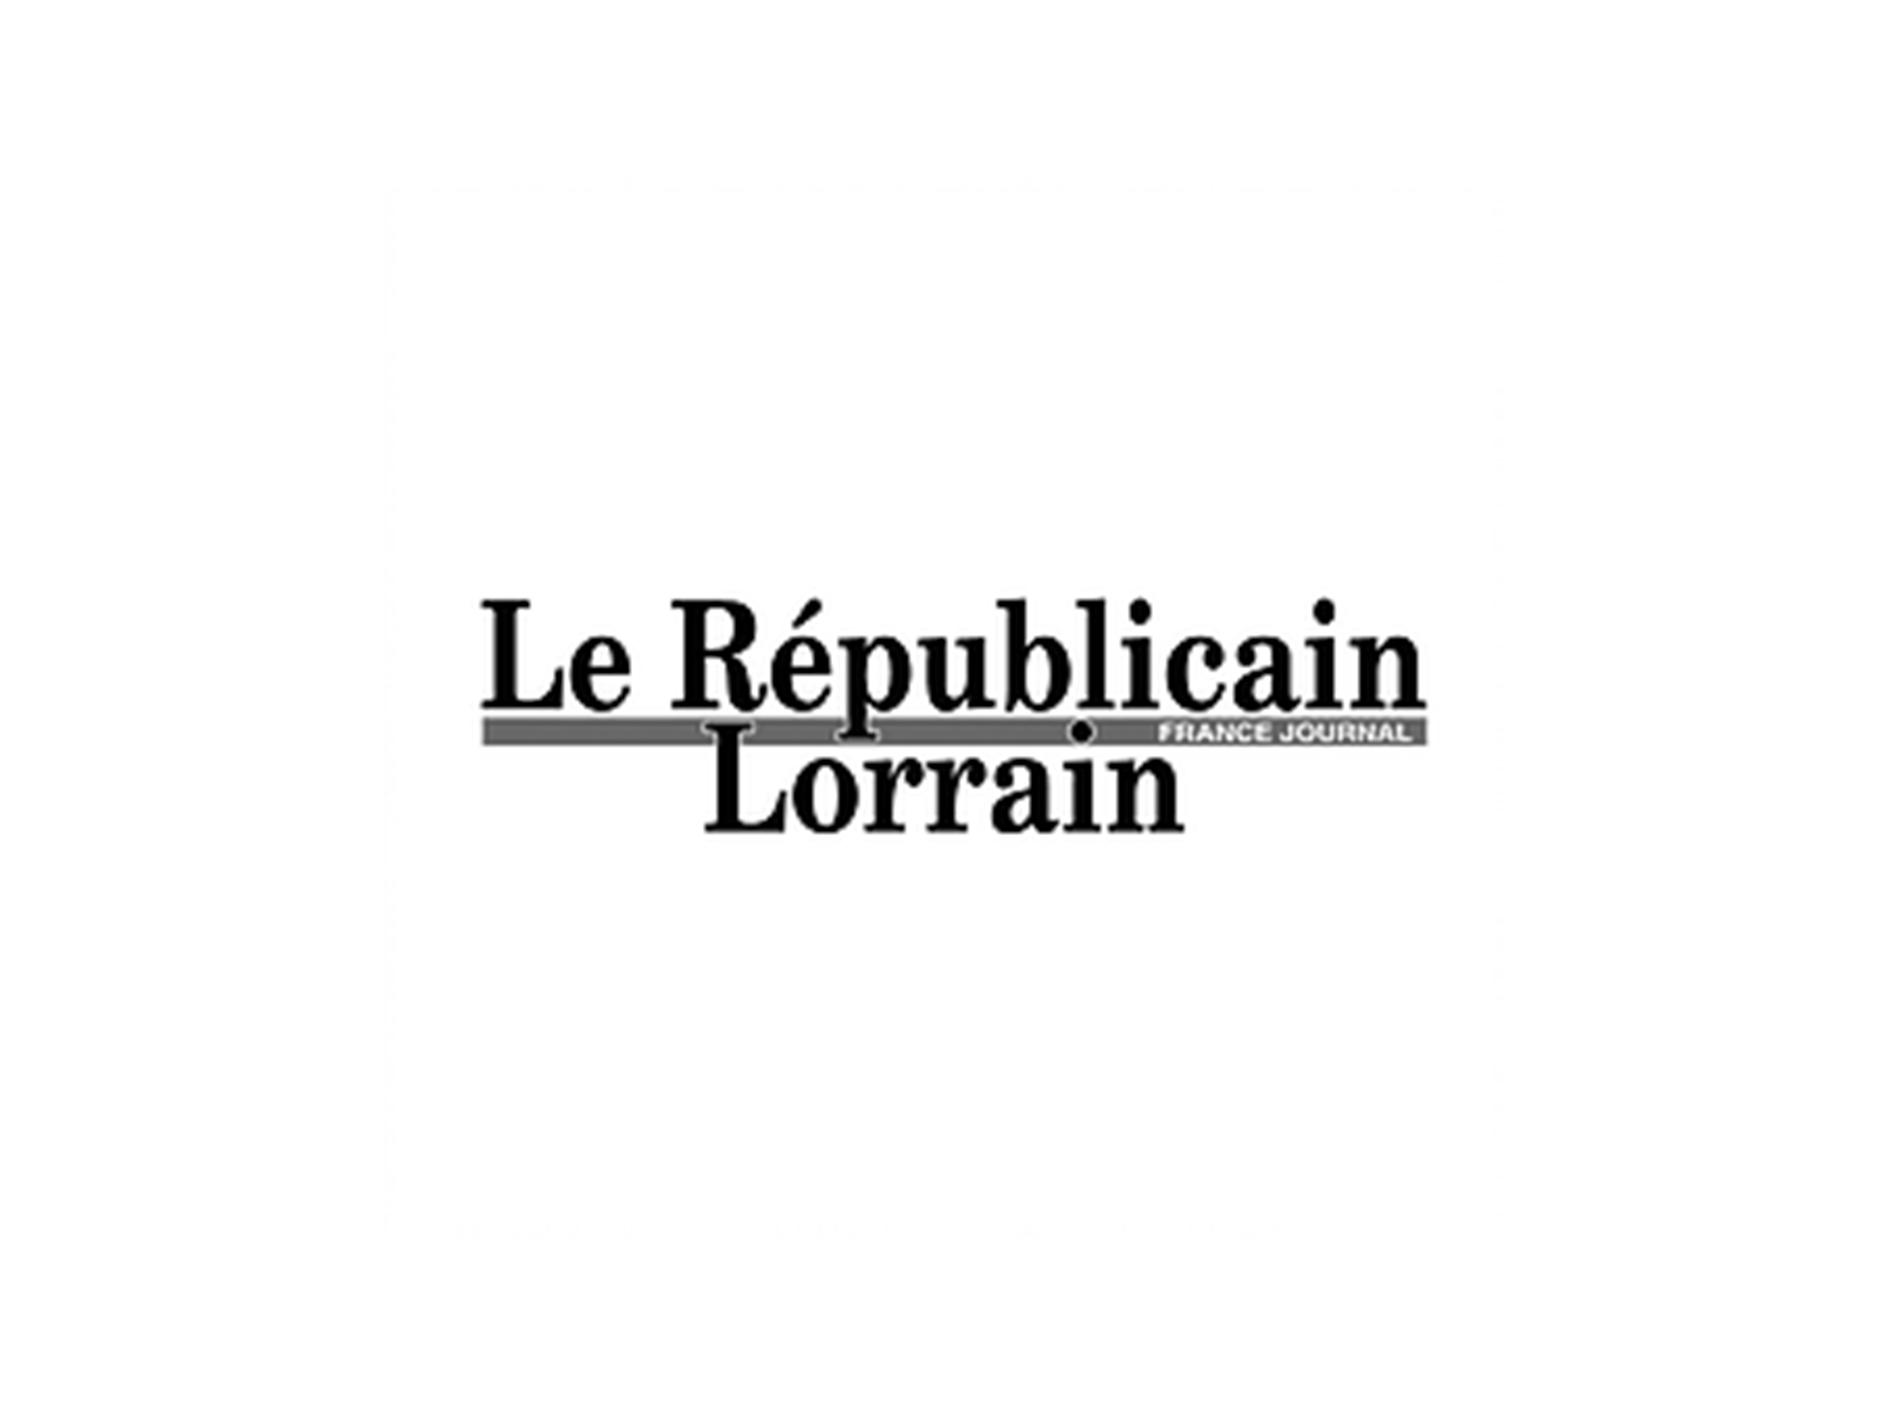 LE REPUBLICAIN LORRAIN